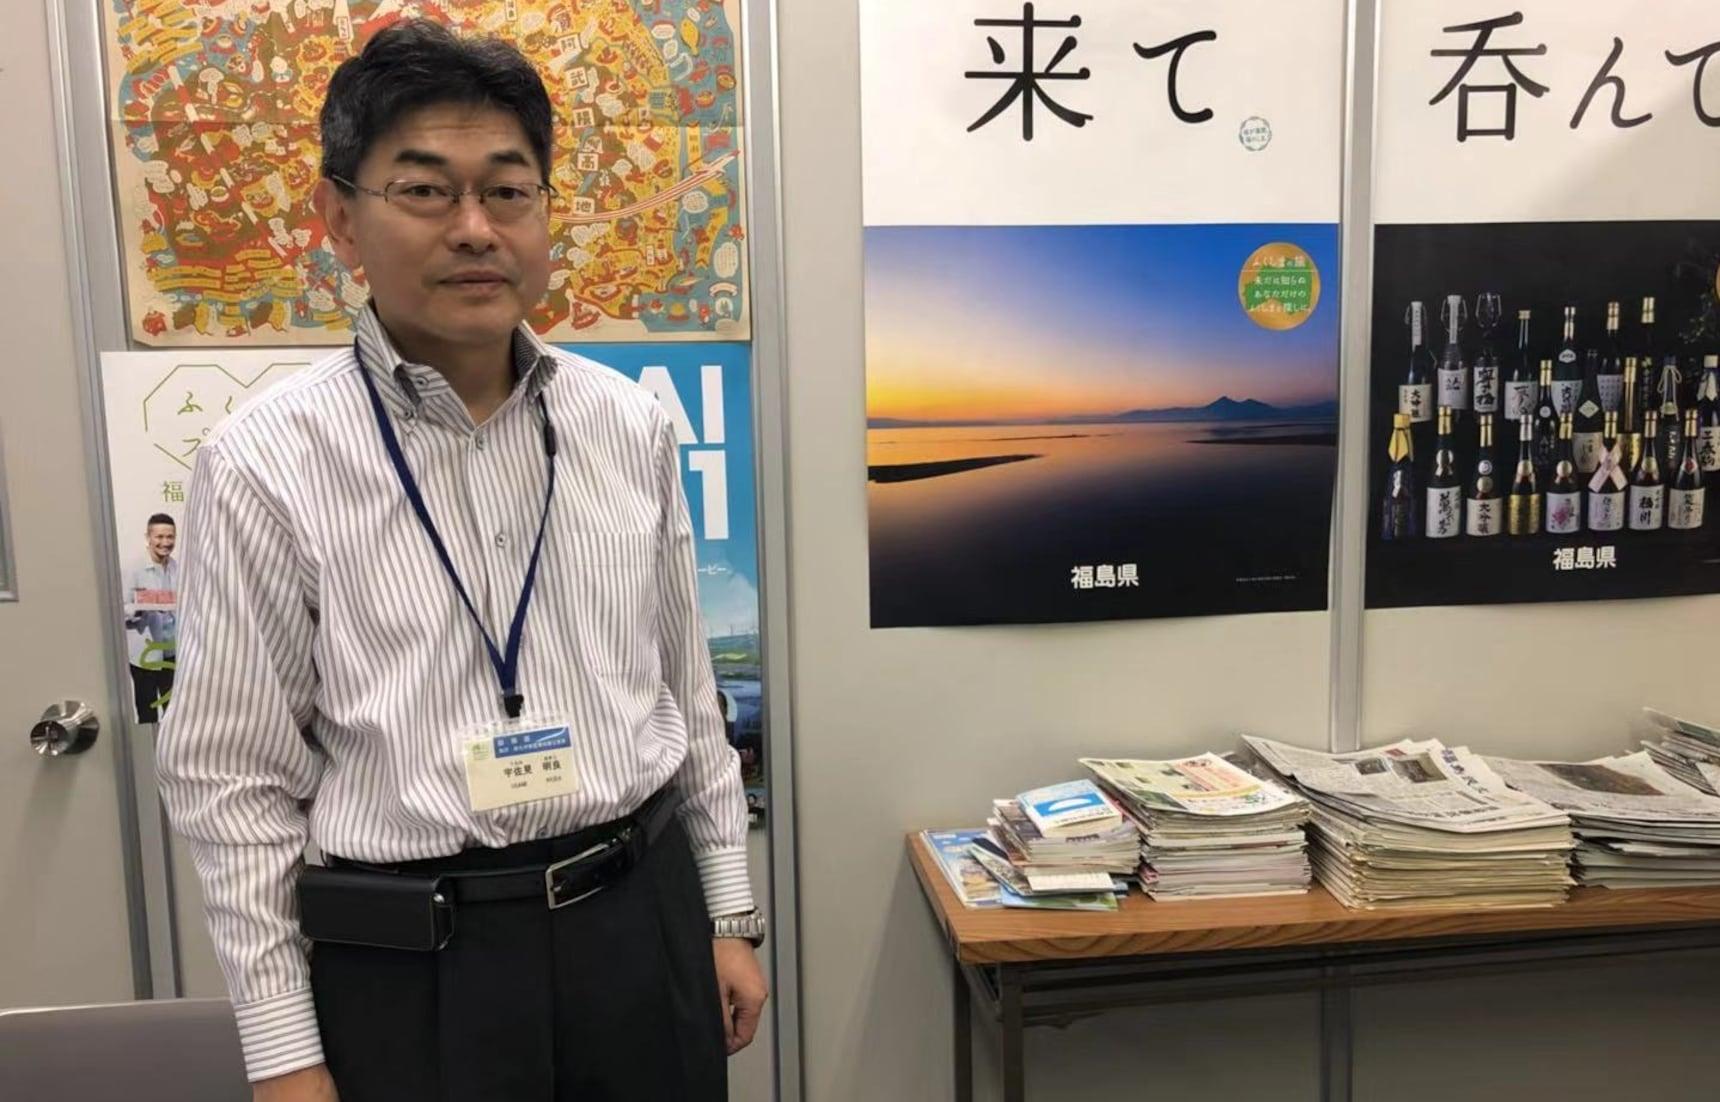 福岛的此刻,核辐射到底怎样了